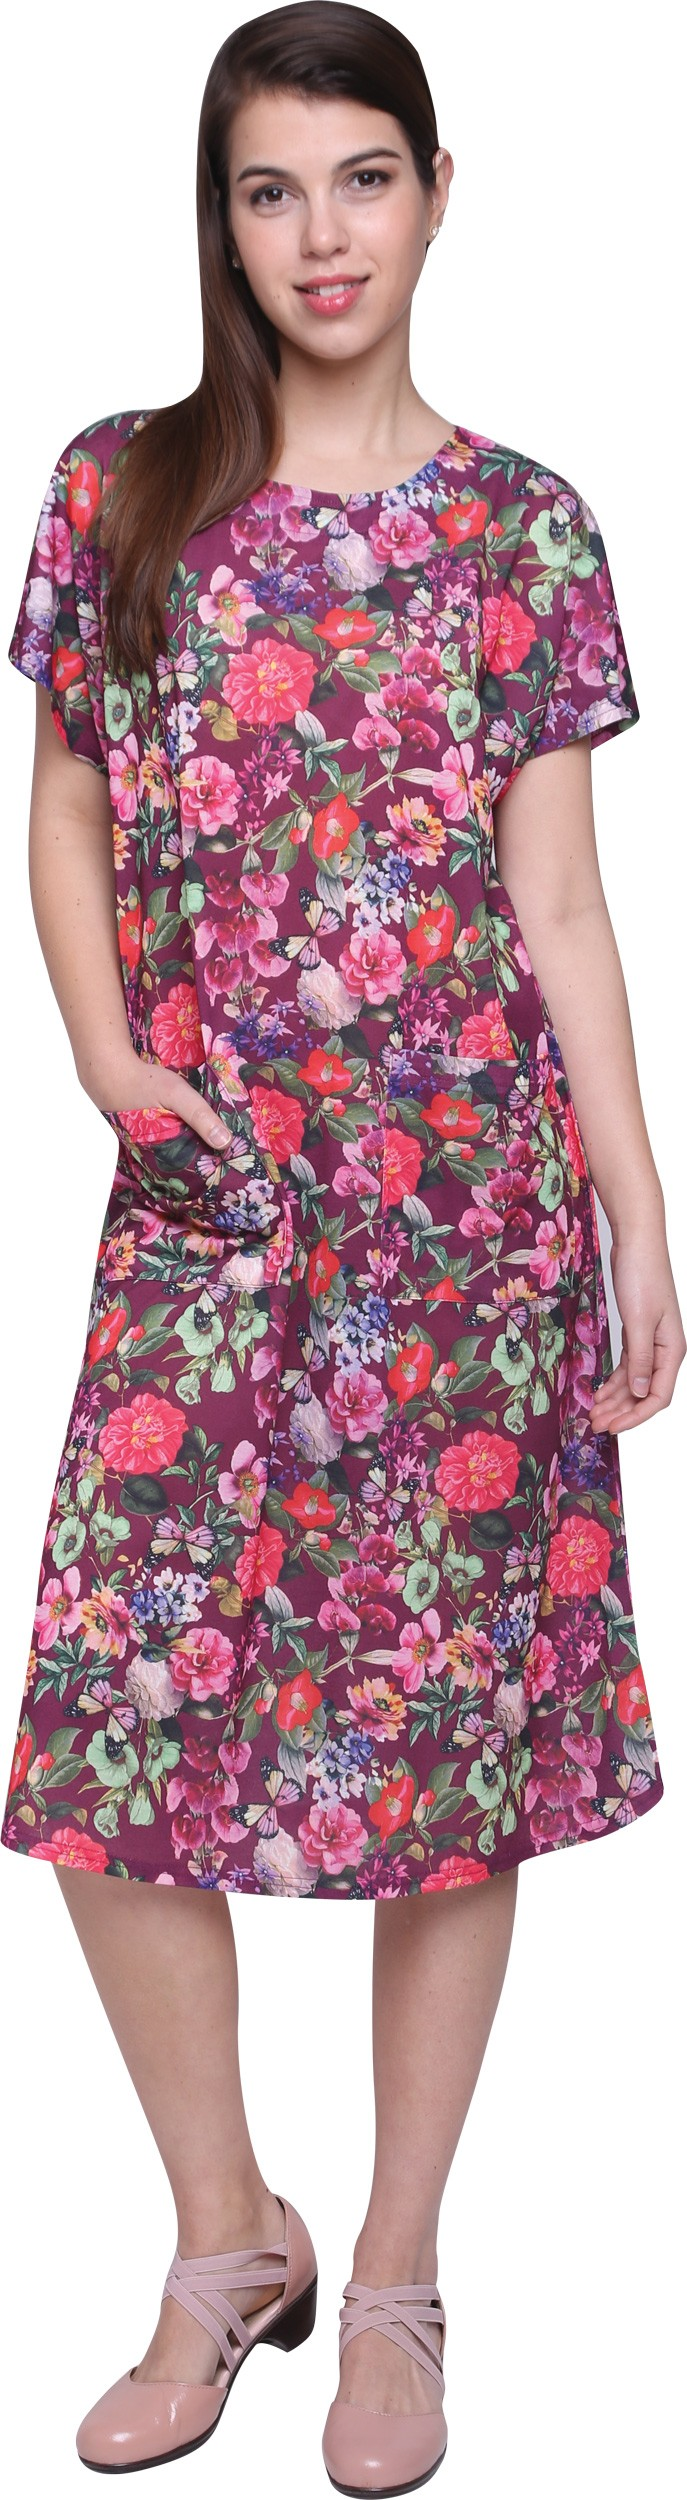 שמלת קימונו טריקו מודפסת 7/8 10D229